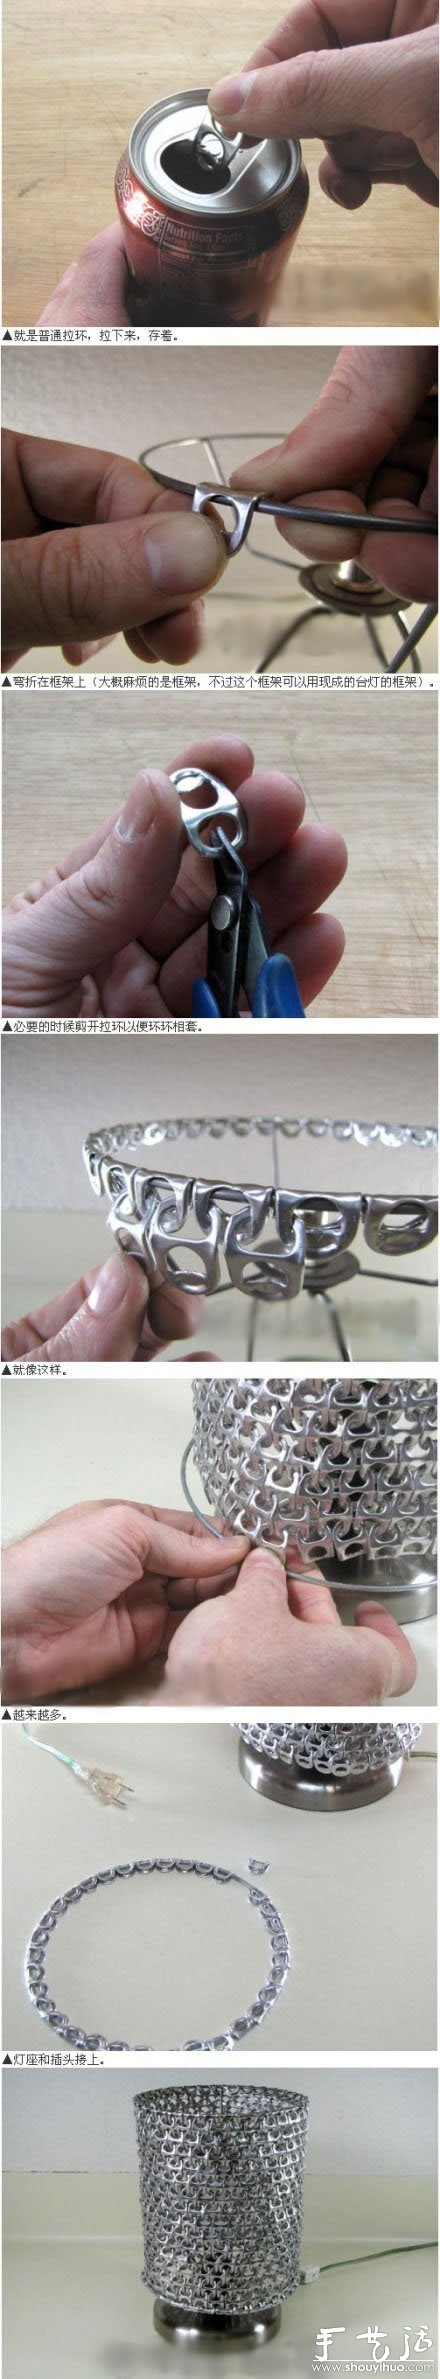 易拉罐拉环手工DIY台灯的教程 -  www.shouyihuo.com